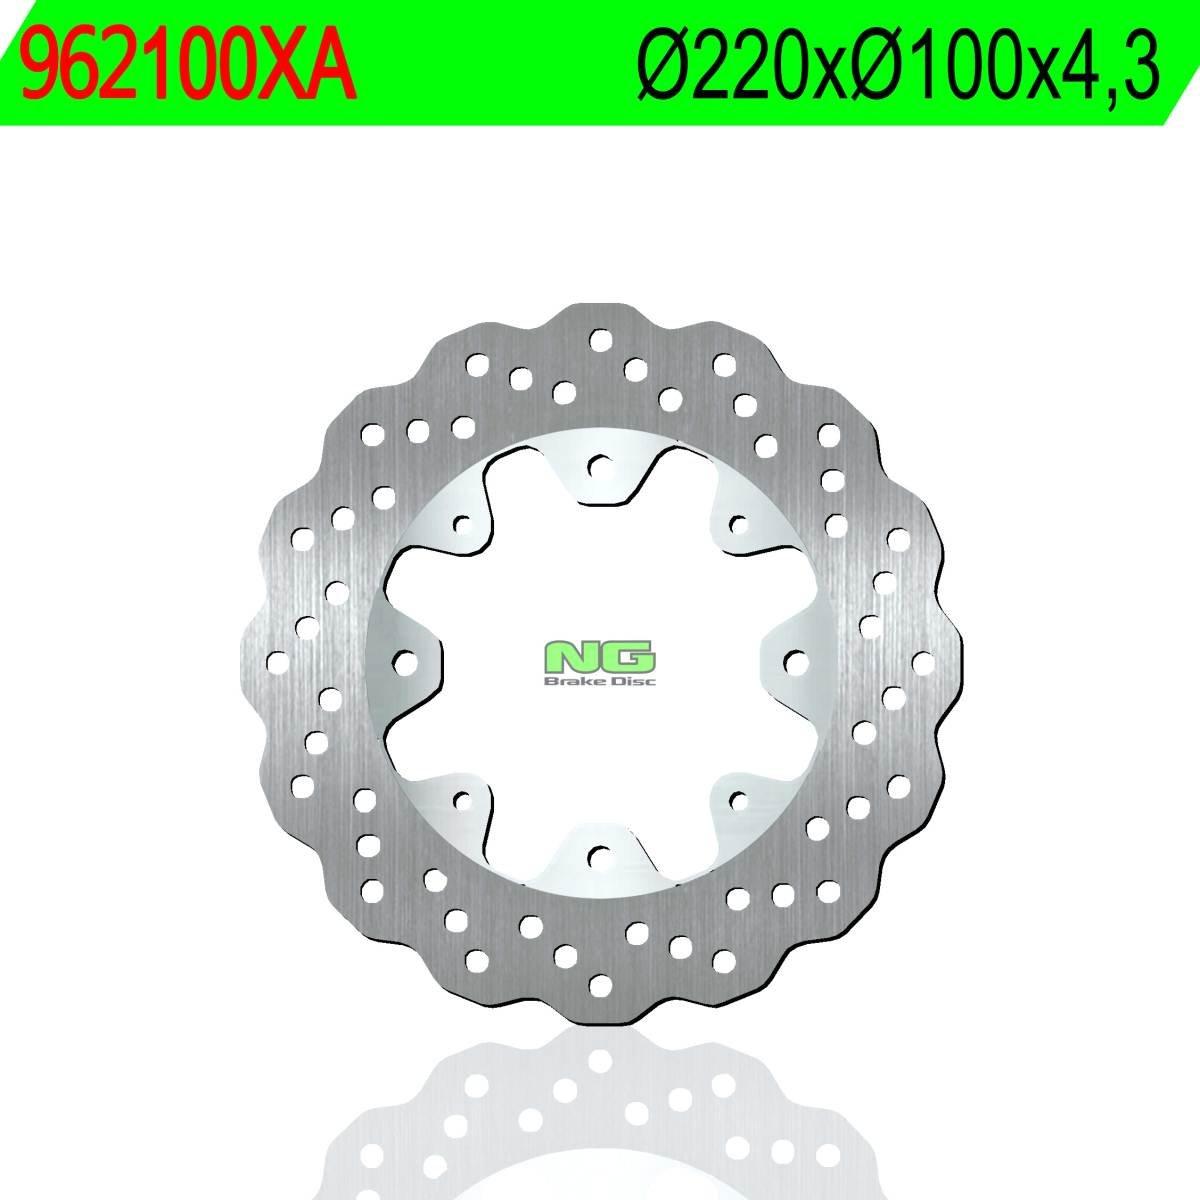 NG BRAKE DISC - 962100XA : Disco de freno NG 100XA Ø220 x ...